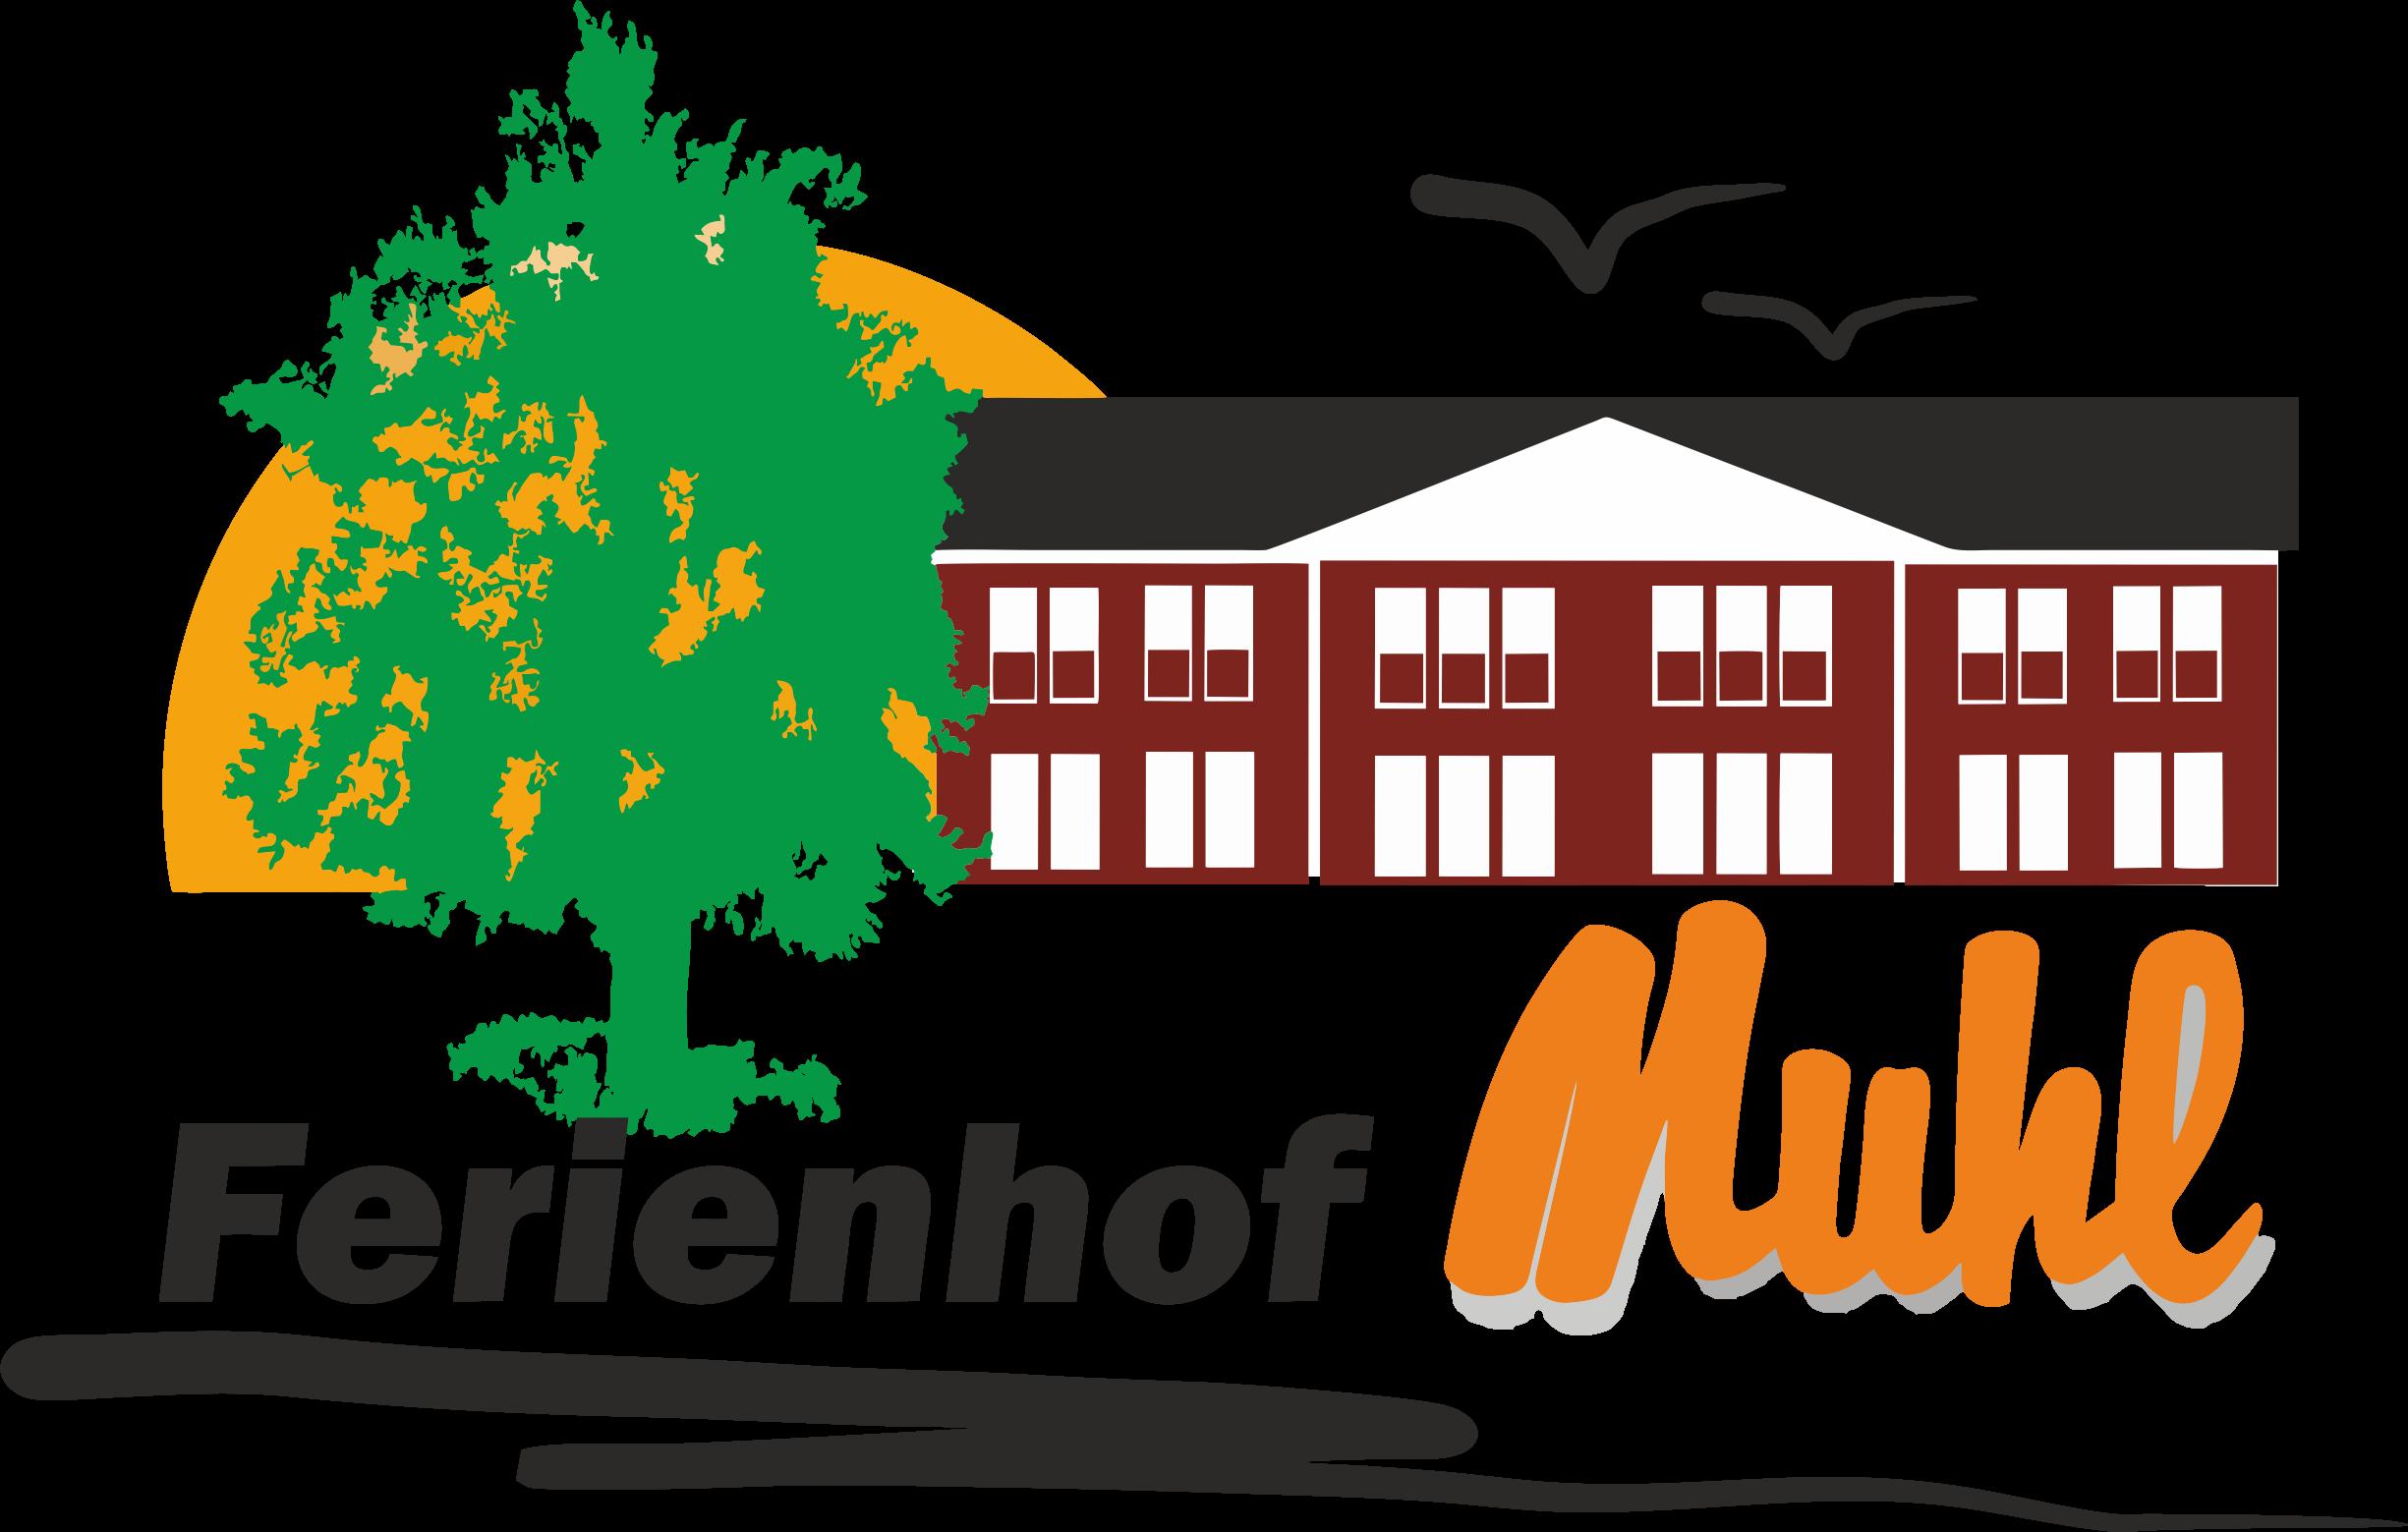 Ferienhof Muhl